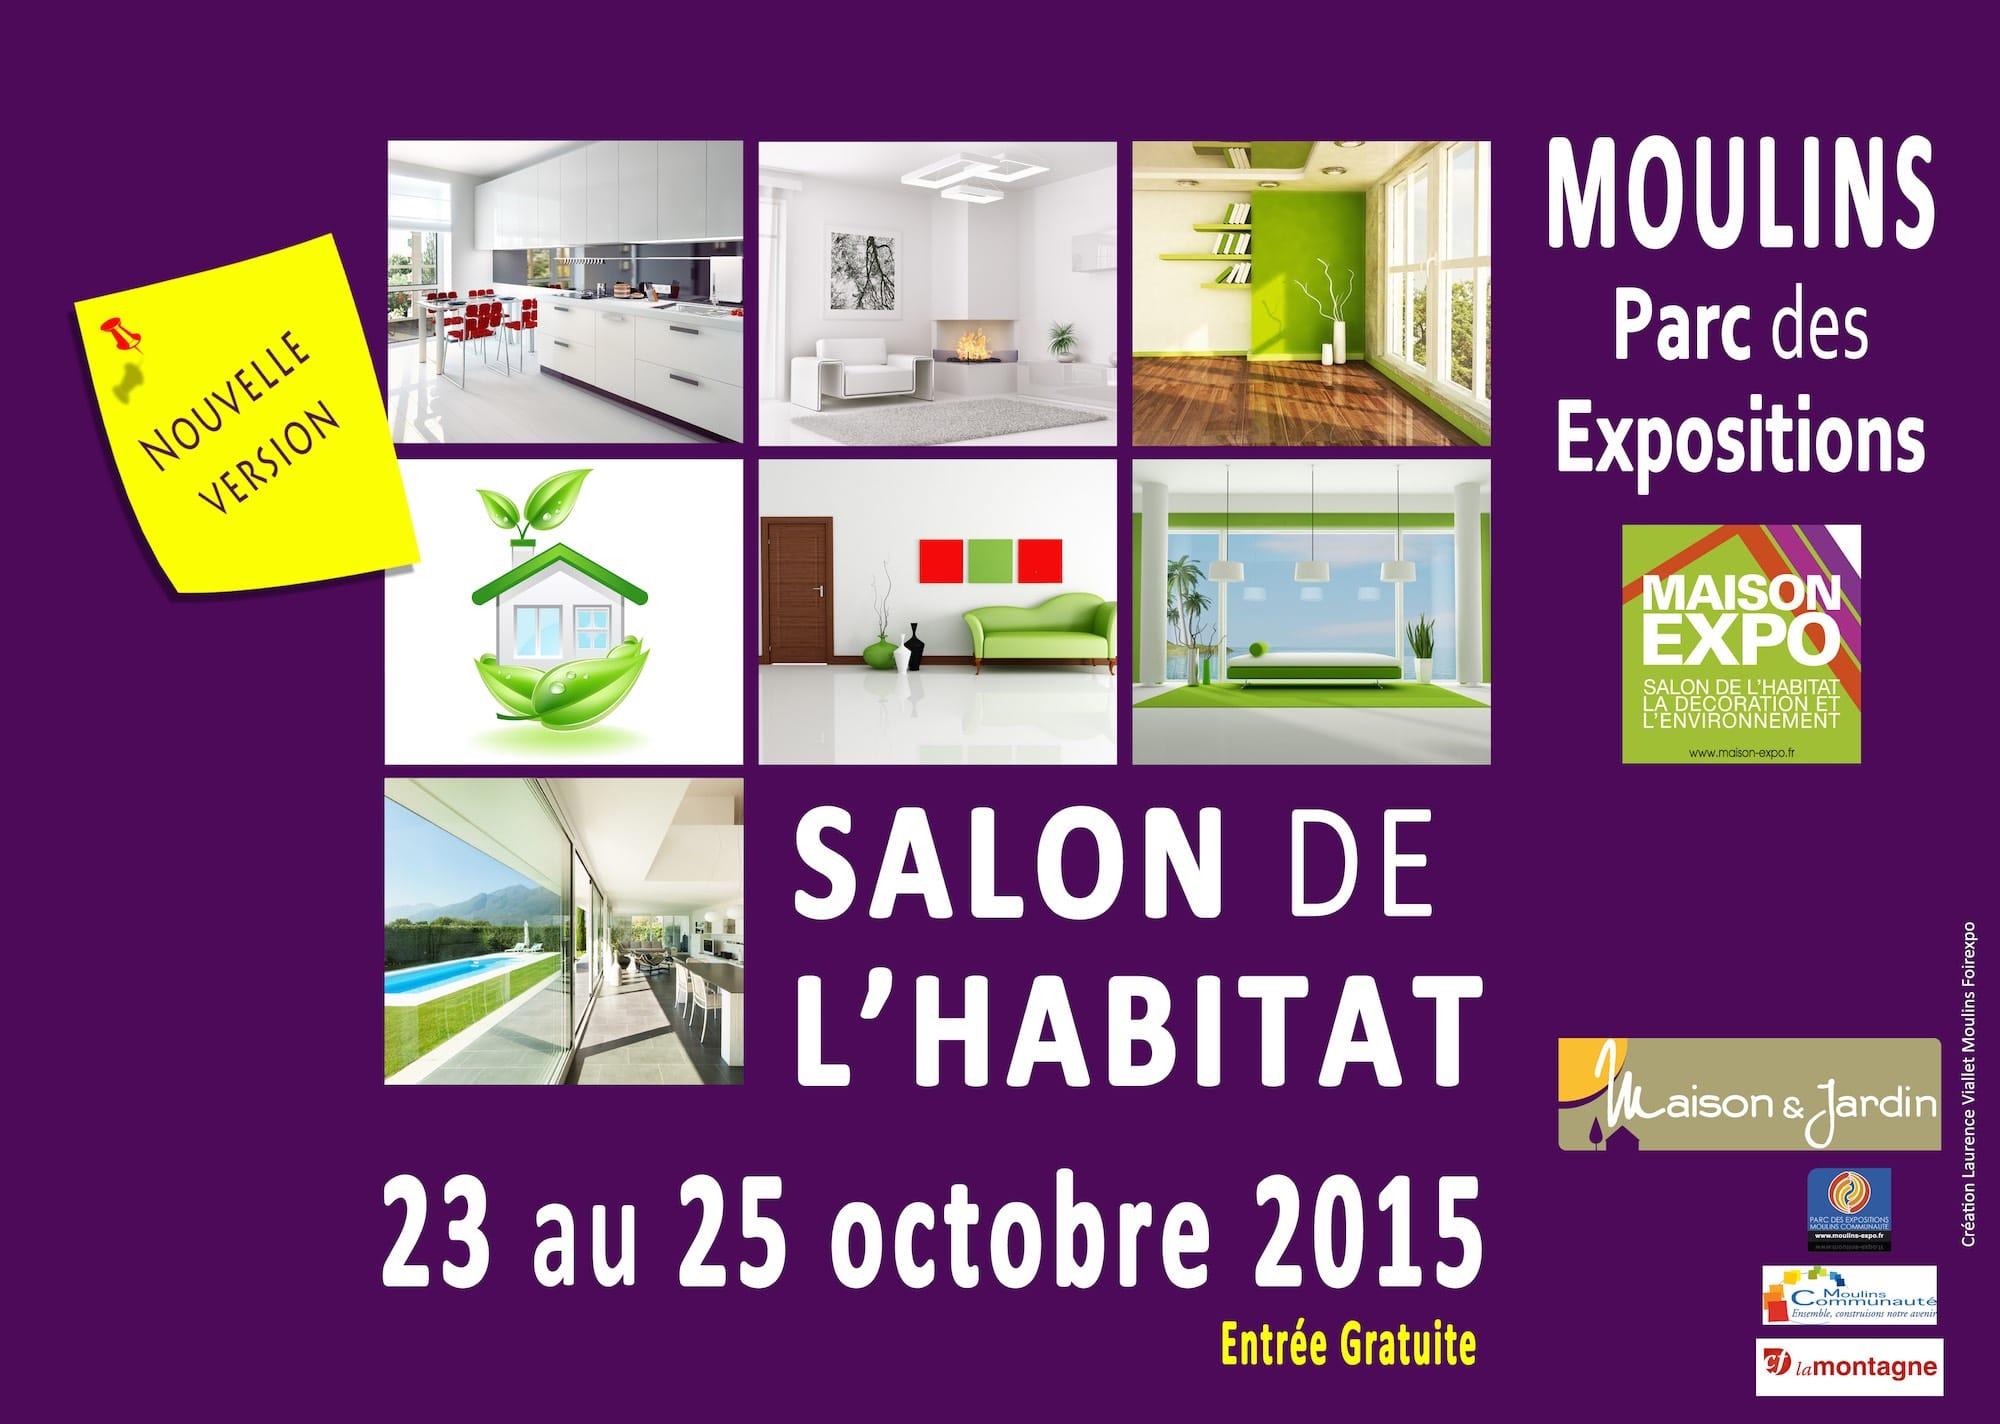 Salon de l'habitat de Moulins 2015